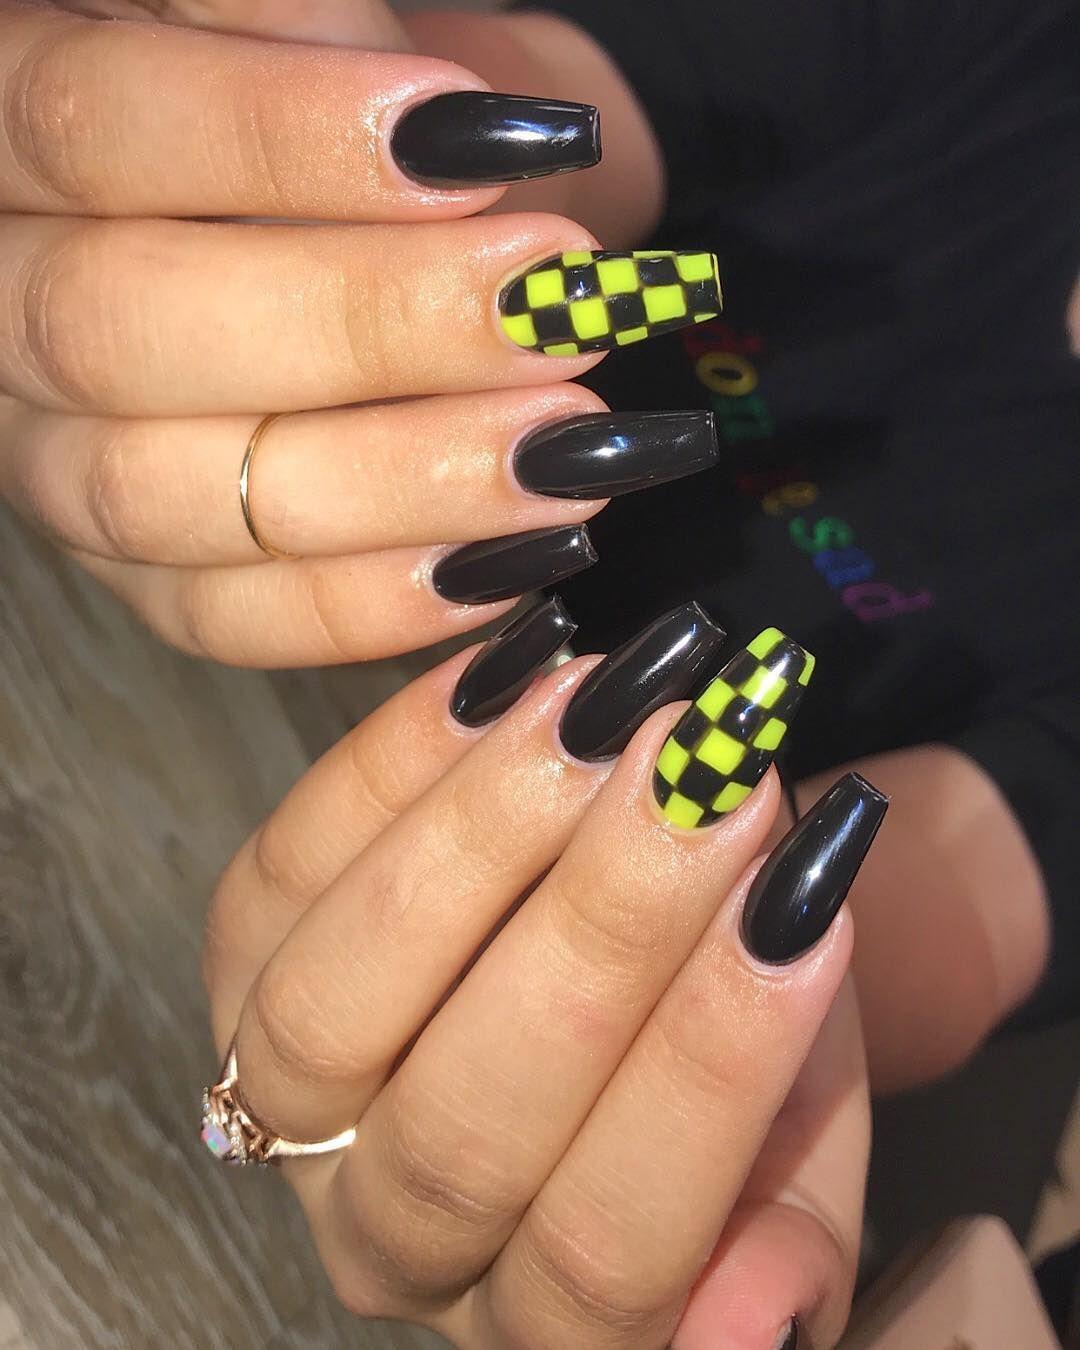 Acrylicnails Checkers Handpainted Coffinnails Ballerinanails Charlestonnails Summervillenails Goos Long Square Acrylic Nails Checkered Nails Band Nails